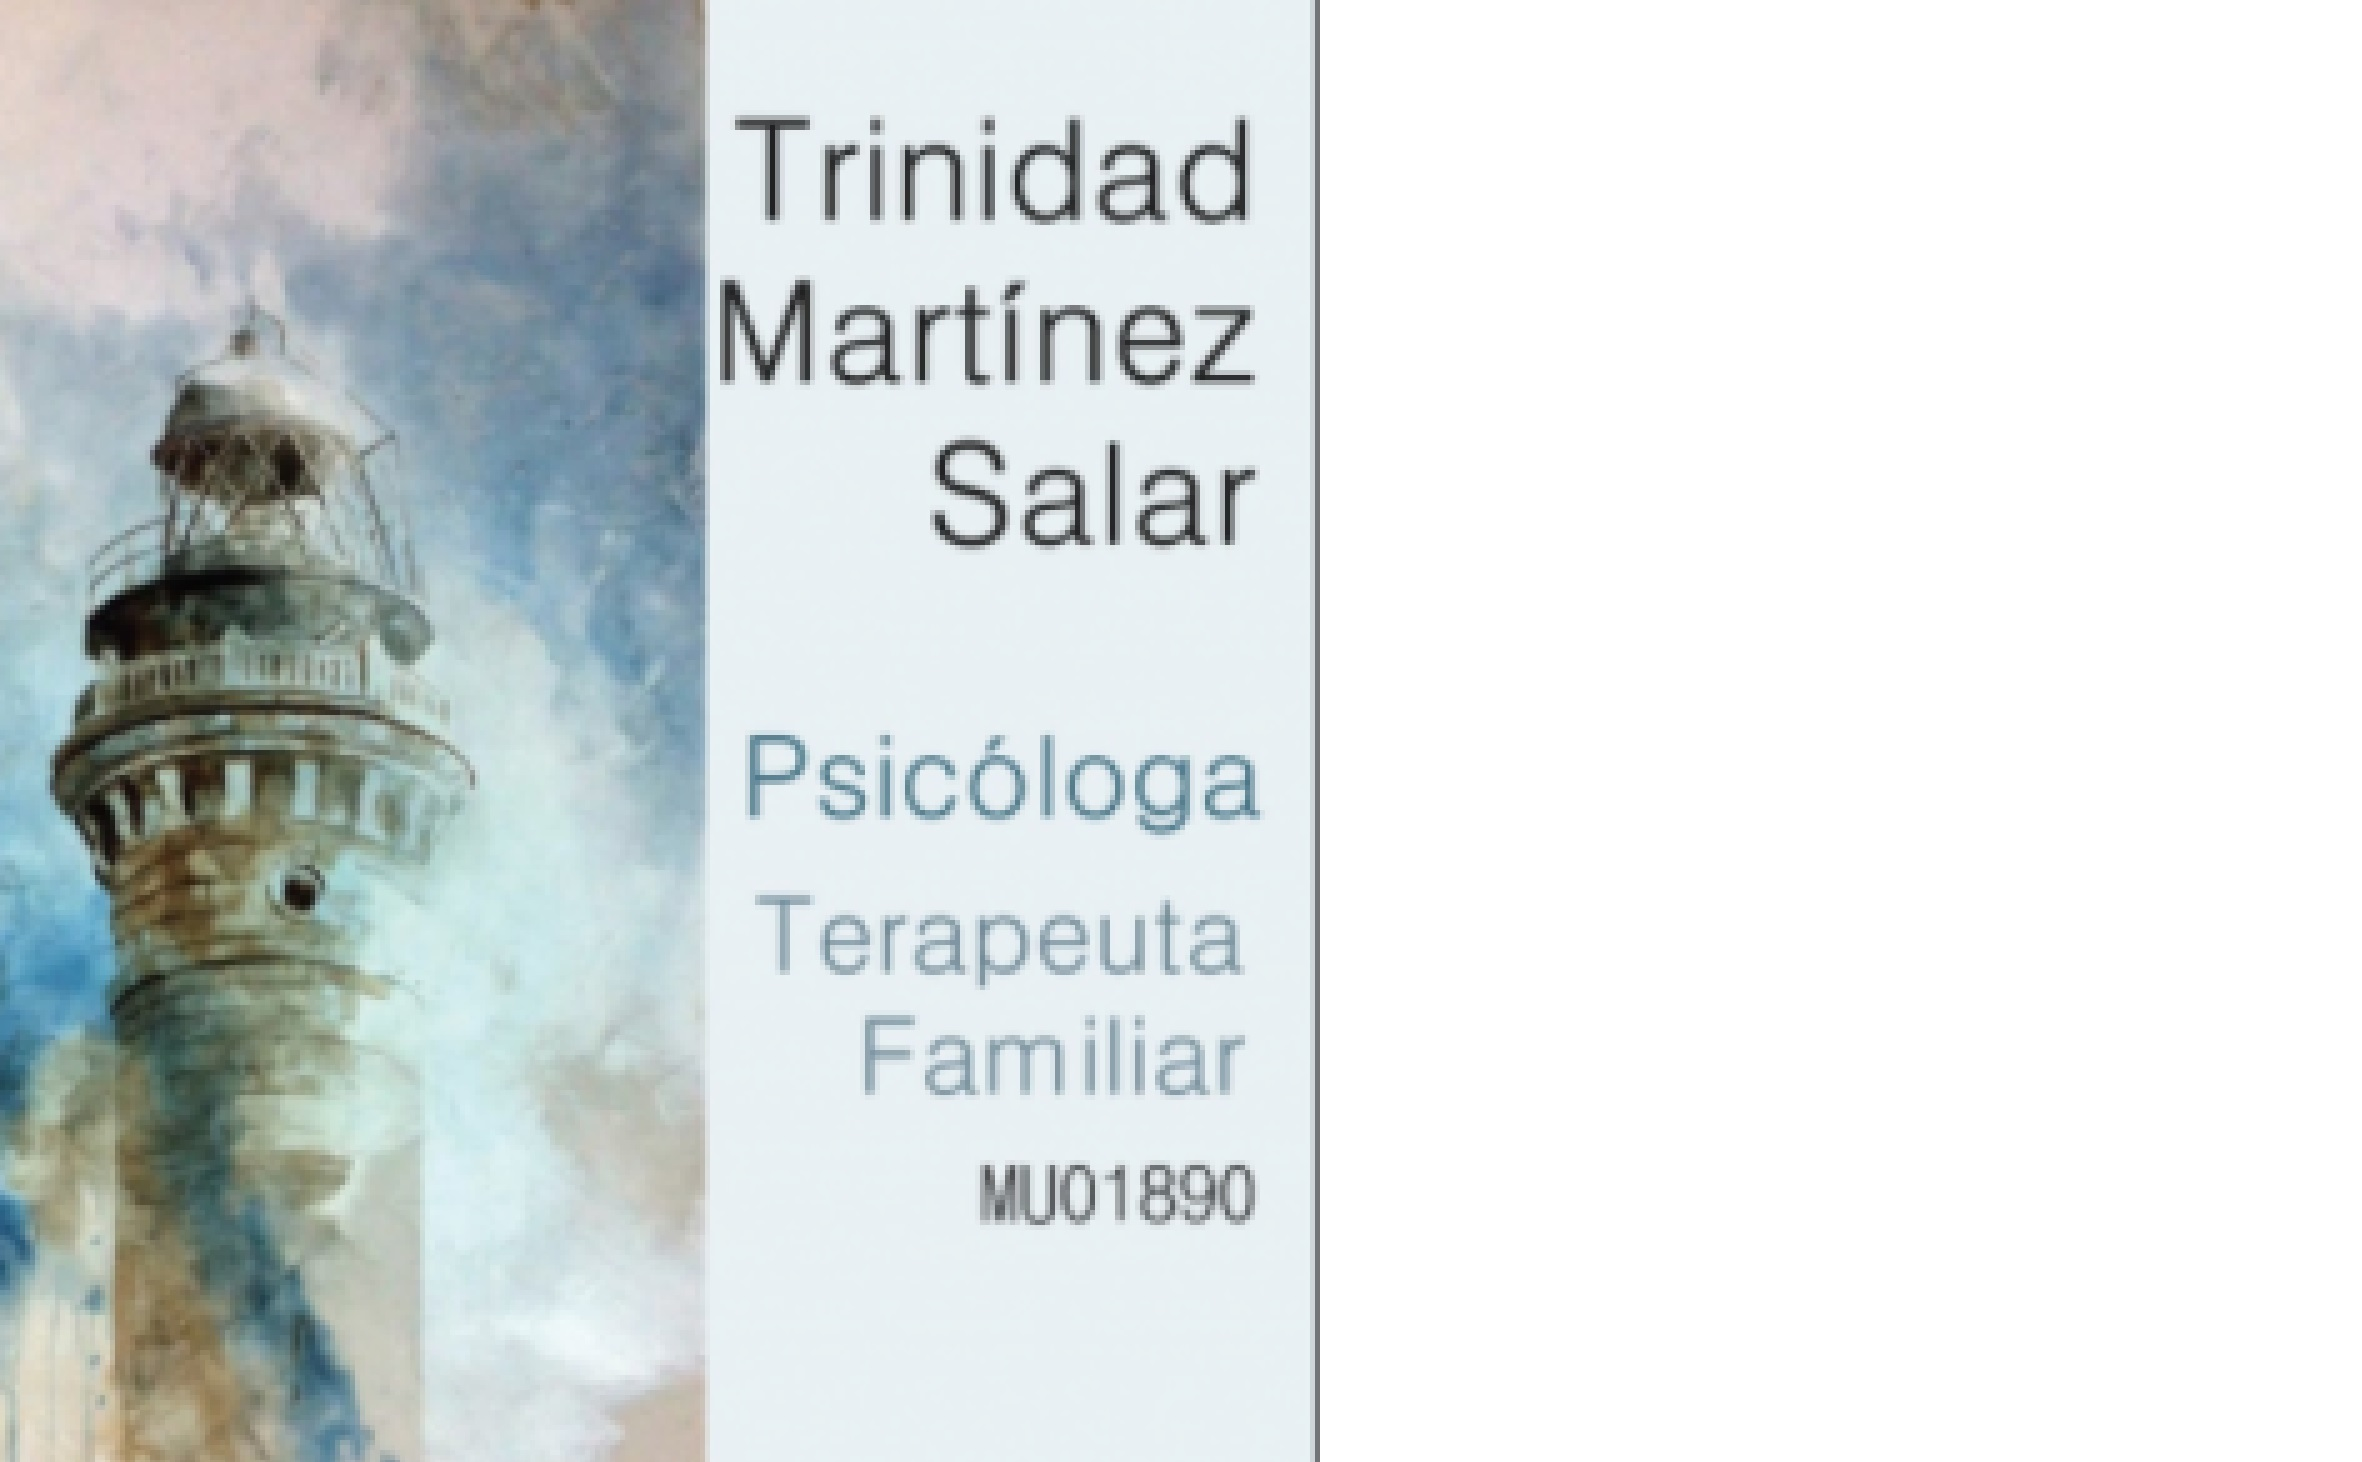 Psicóloga Trinidad Martínez Salar